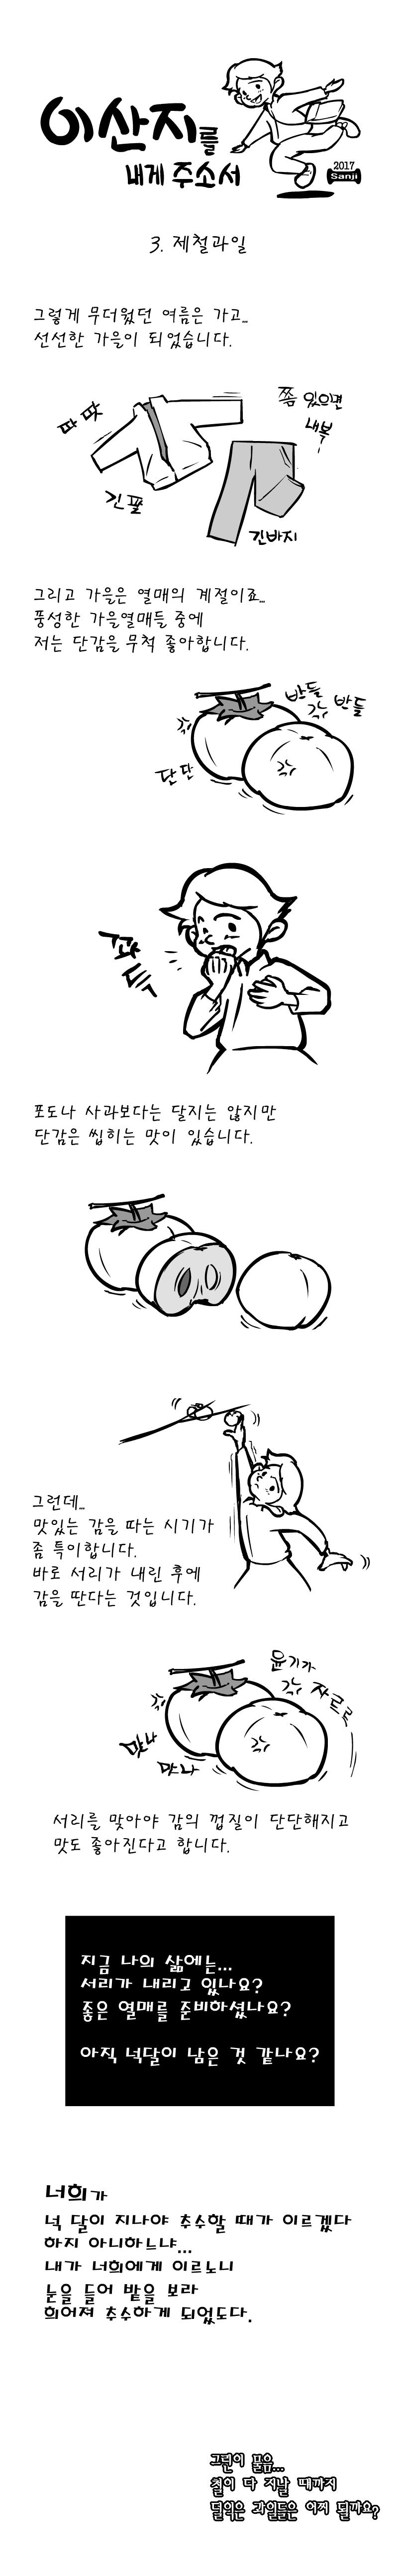 171104-이산지_003_s.png